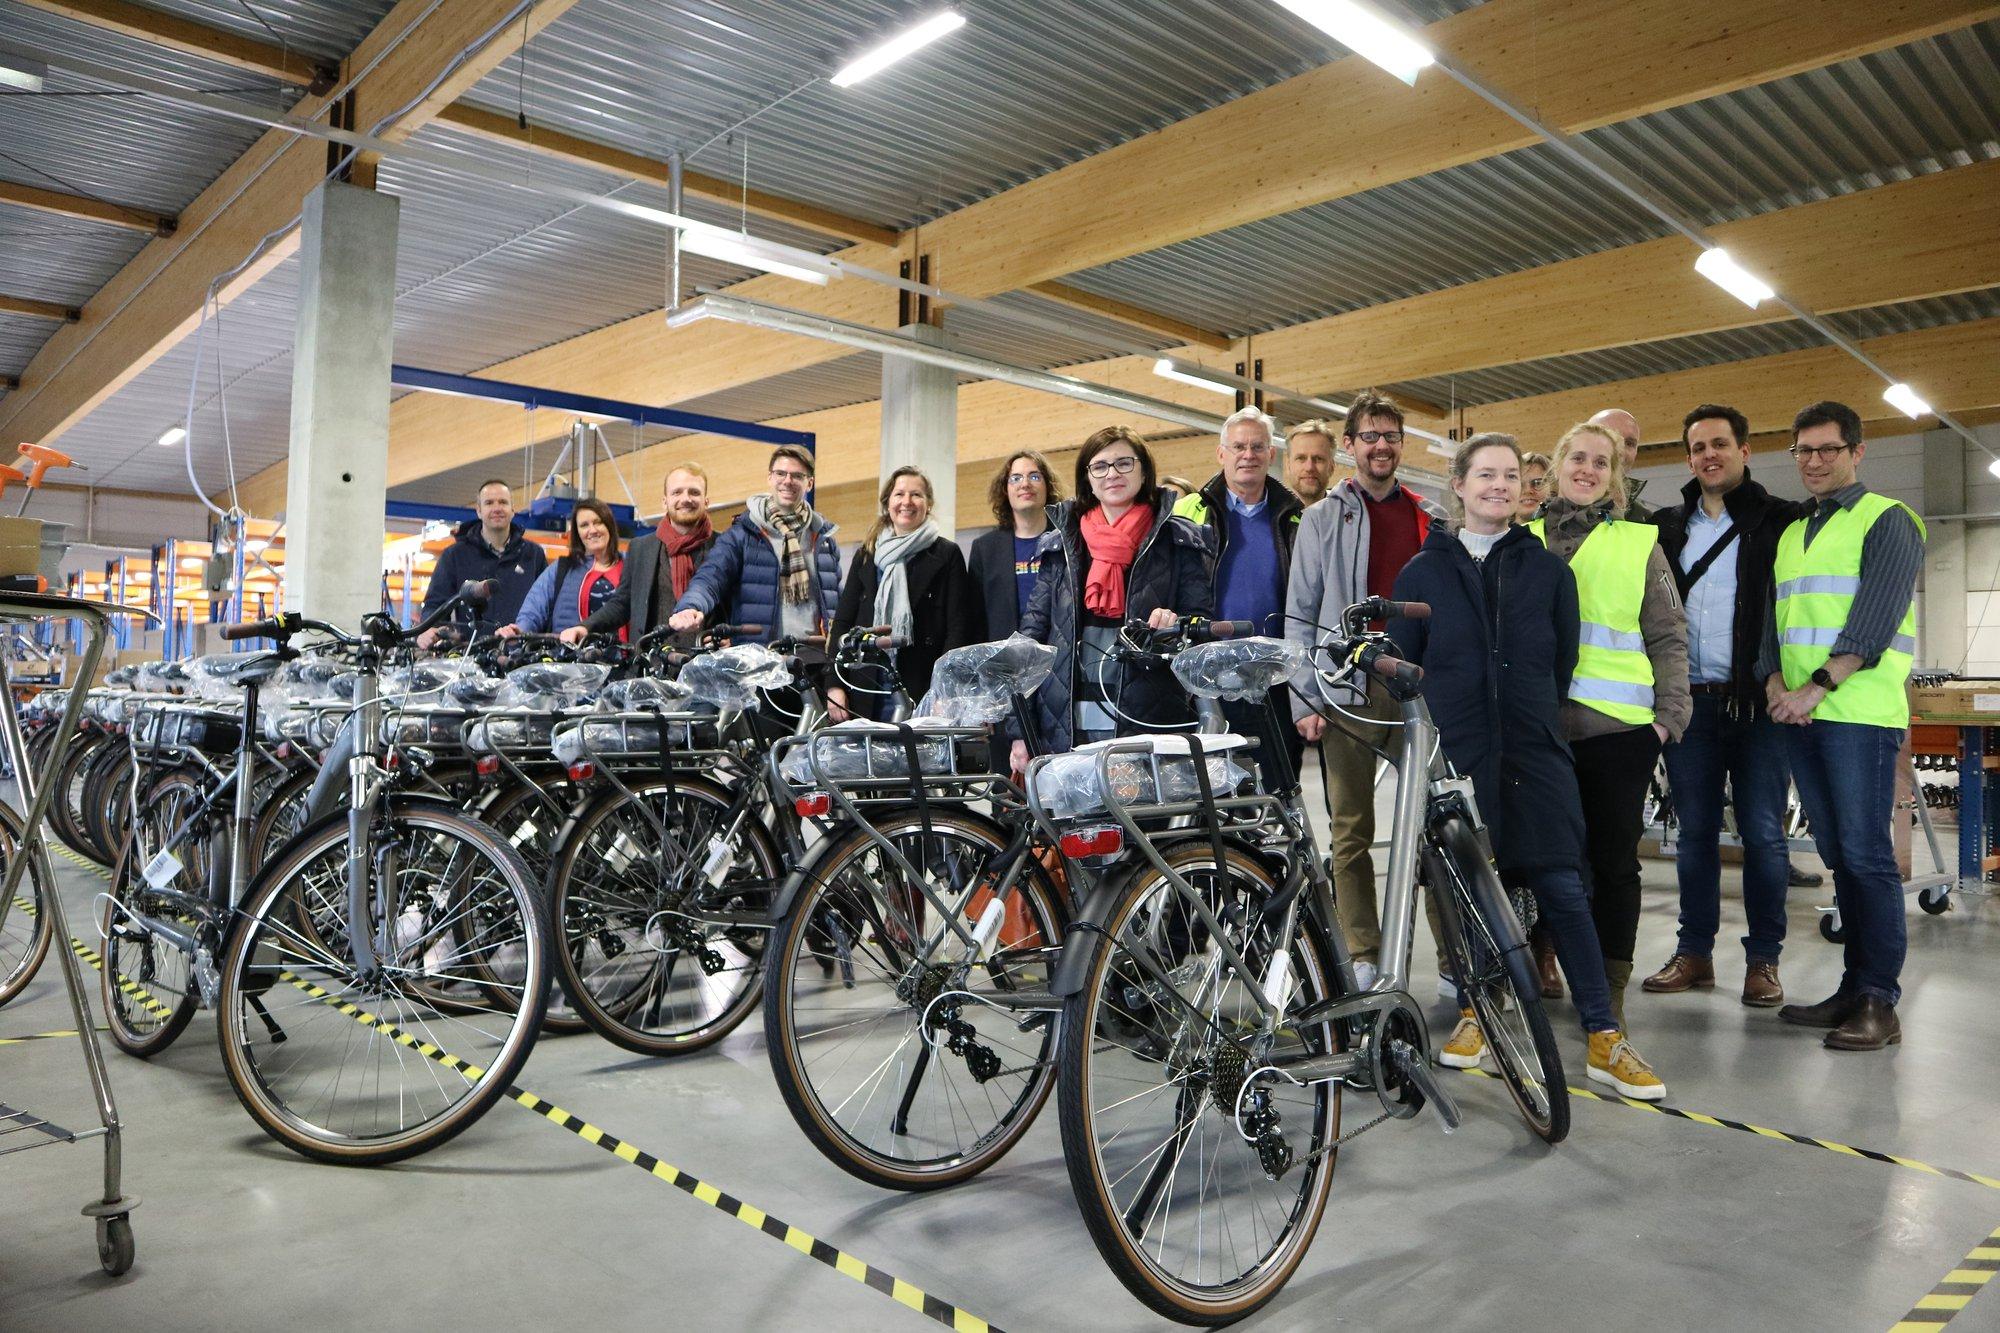 Duurzame mobiliteit ook in landelijke gebieden nodig